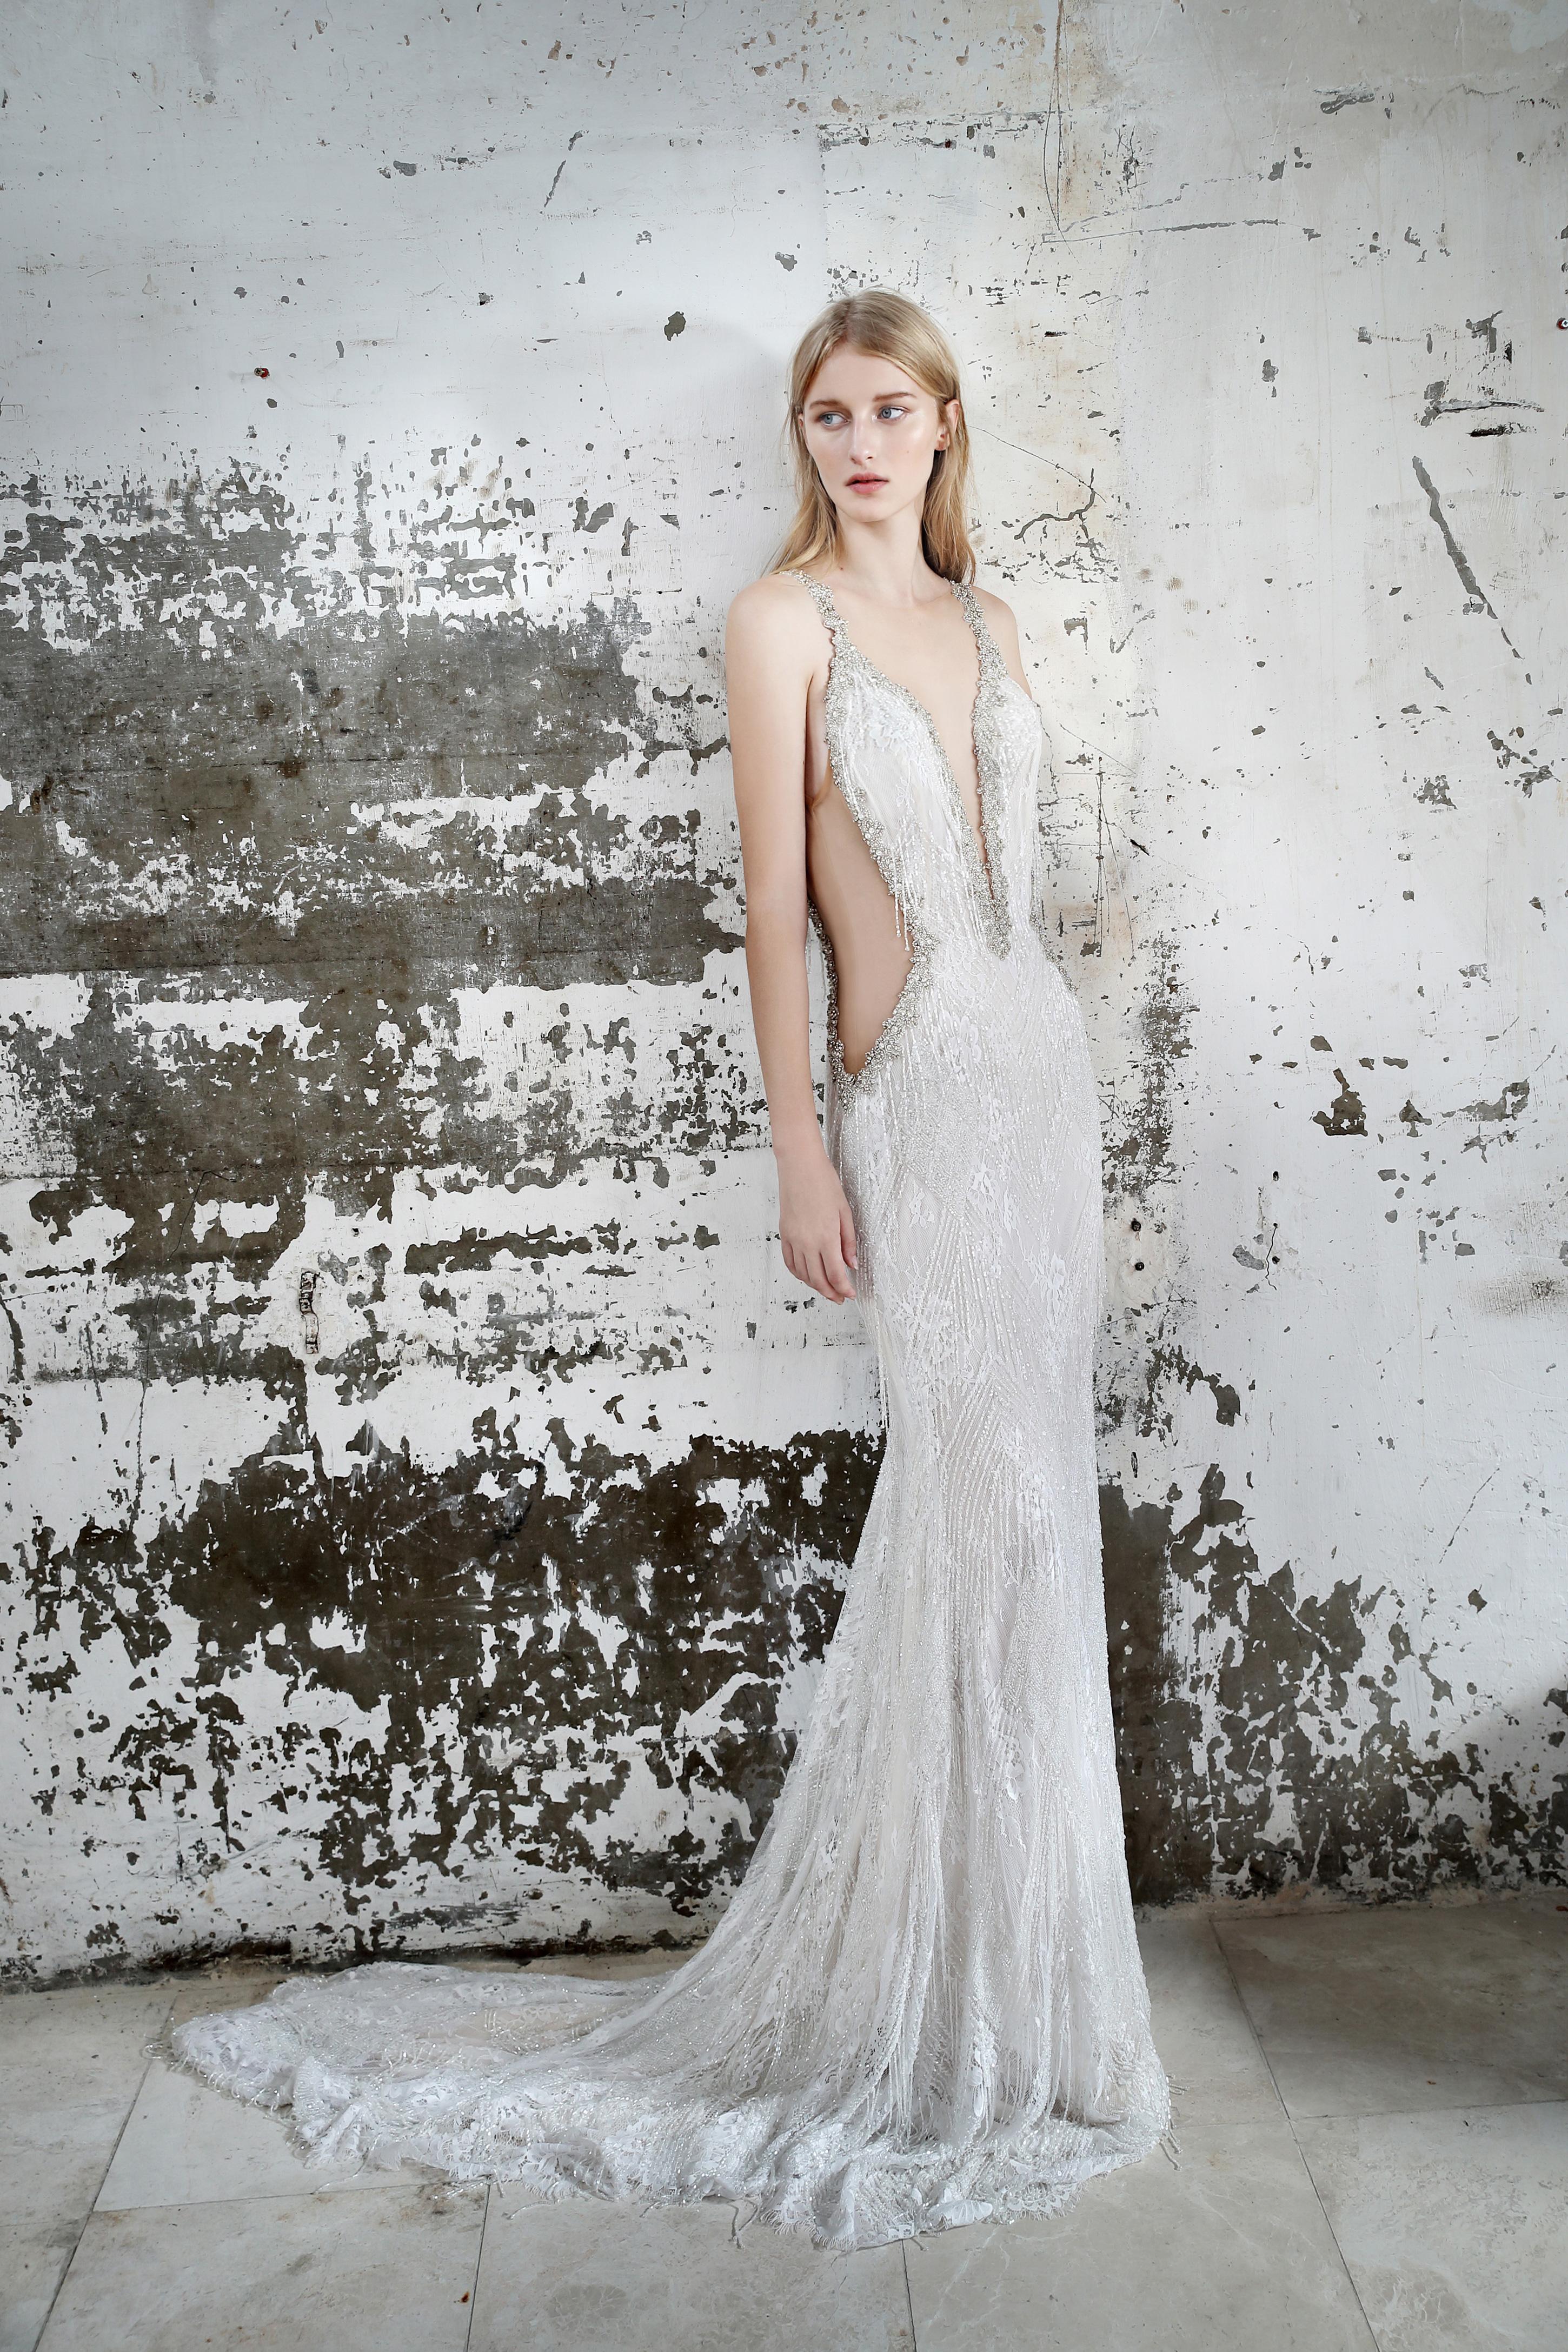 Gala by Galia Lahav cutout wedding dress fall 2019